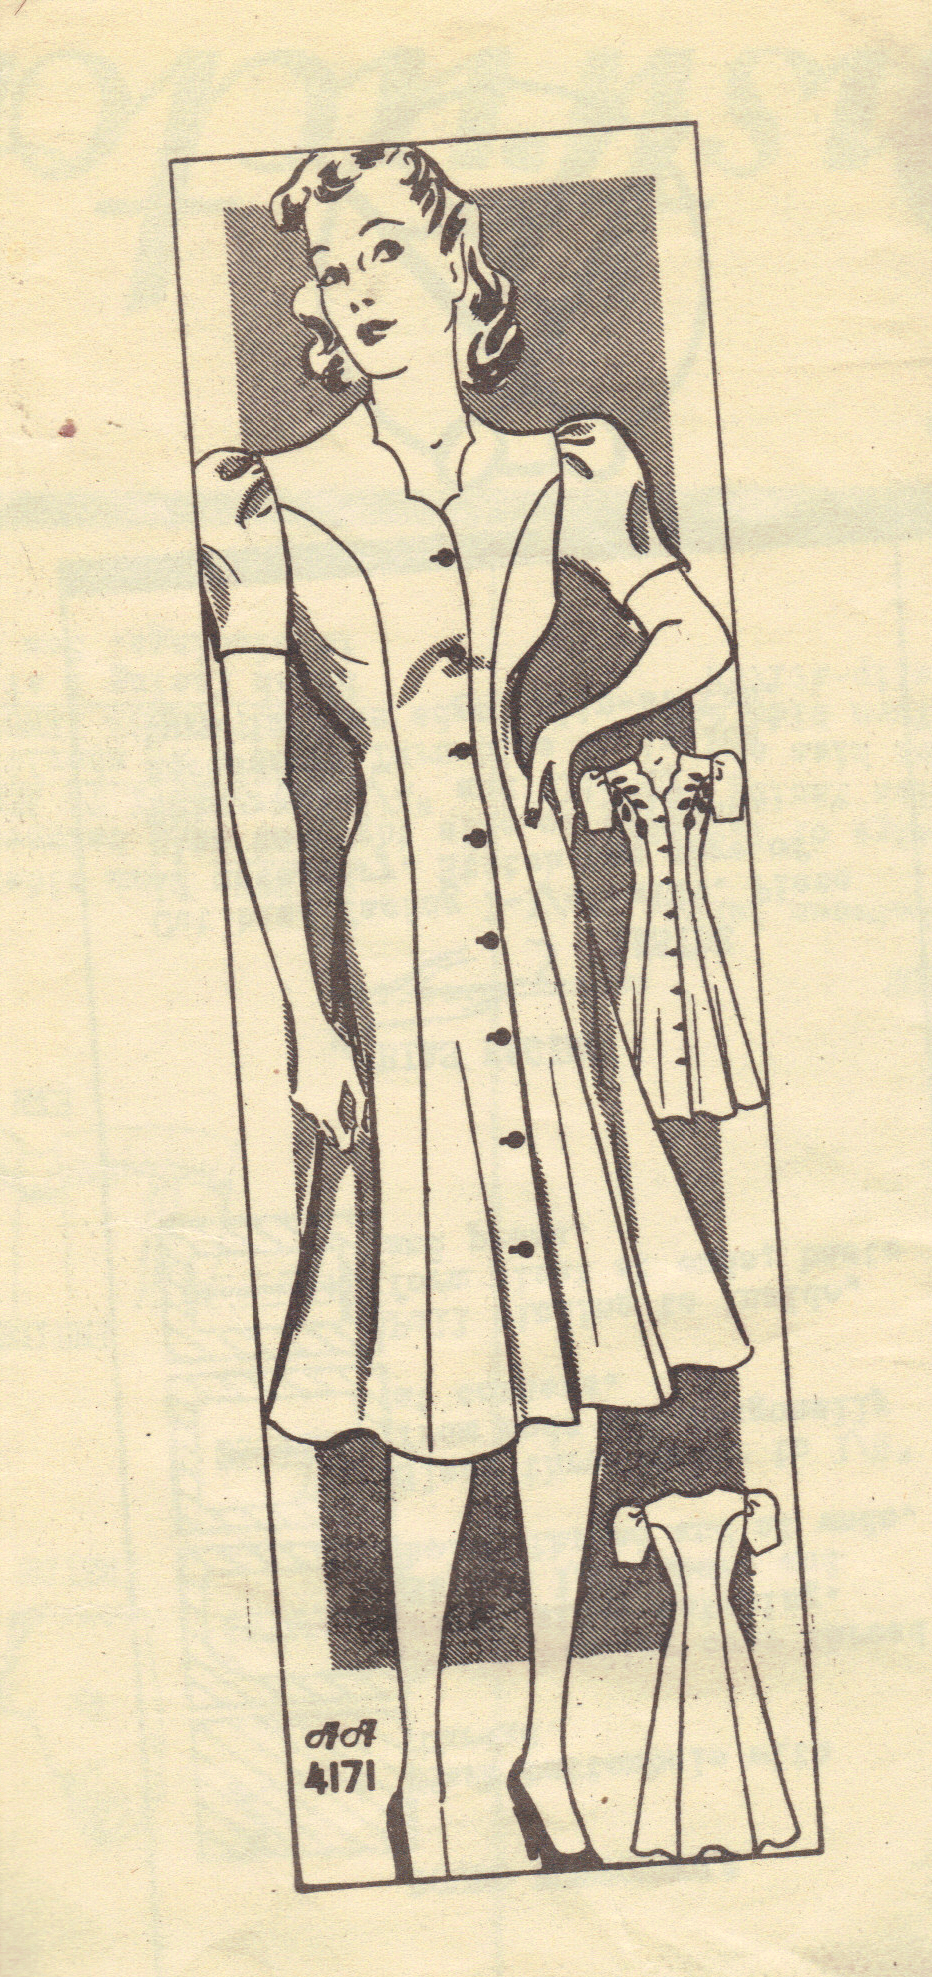 Anne Adams 4171